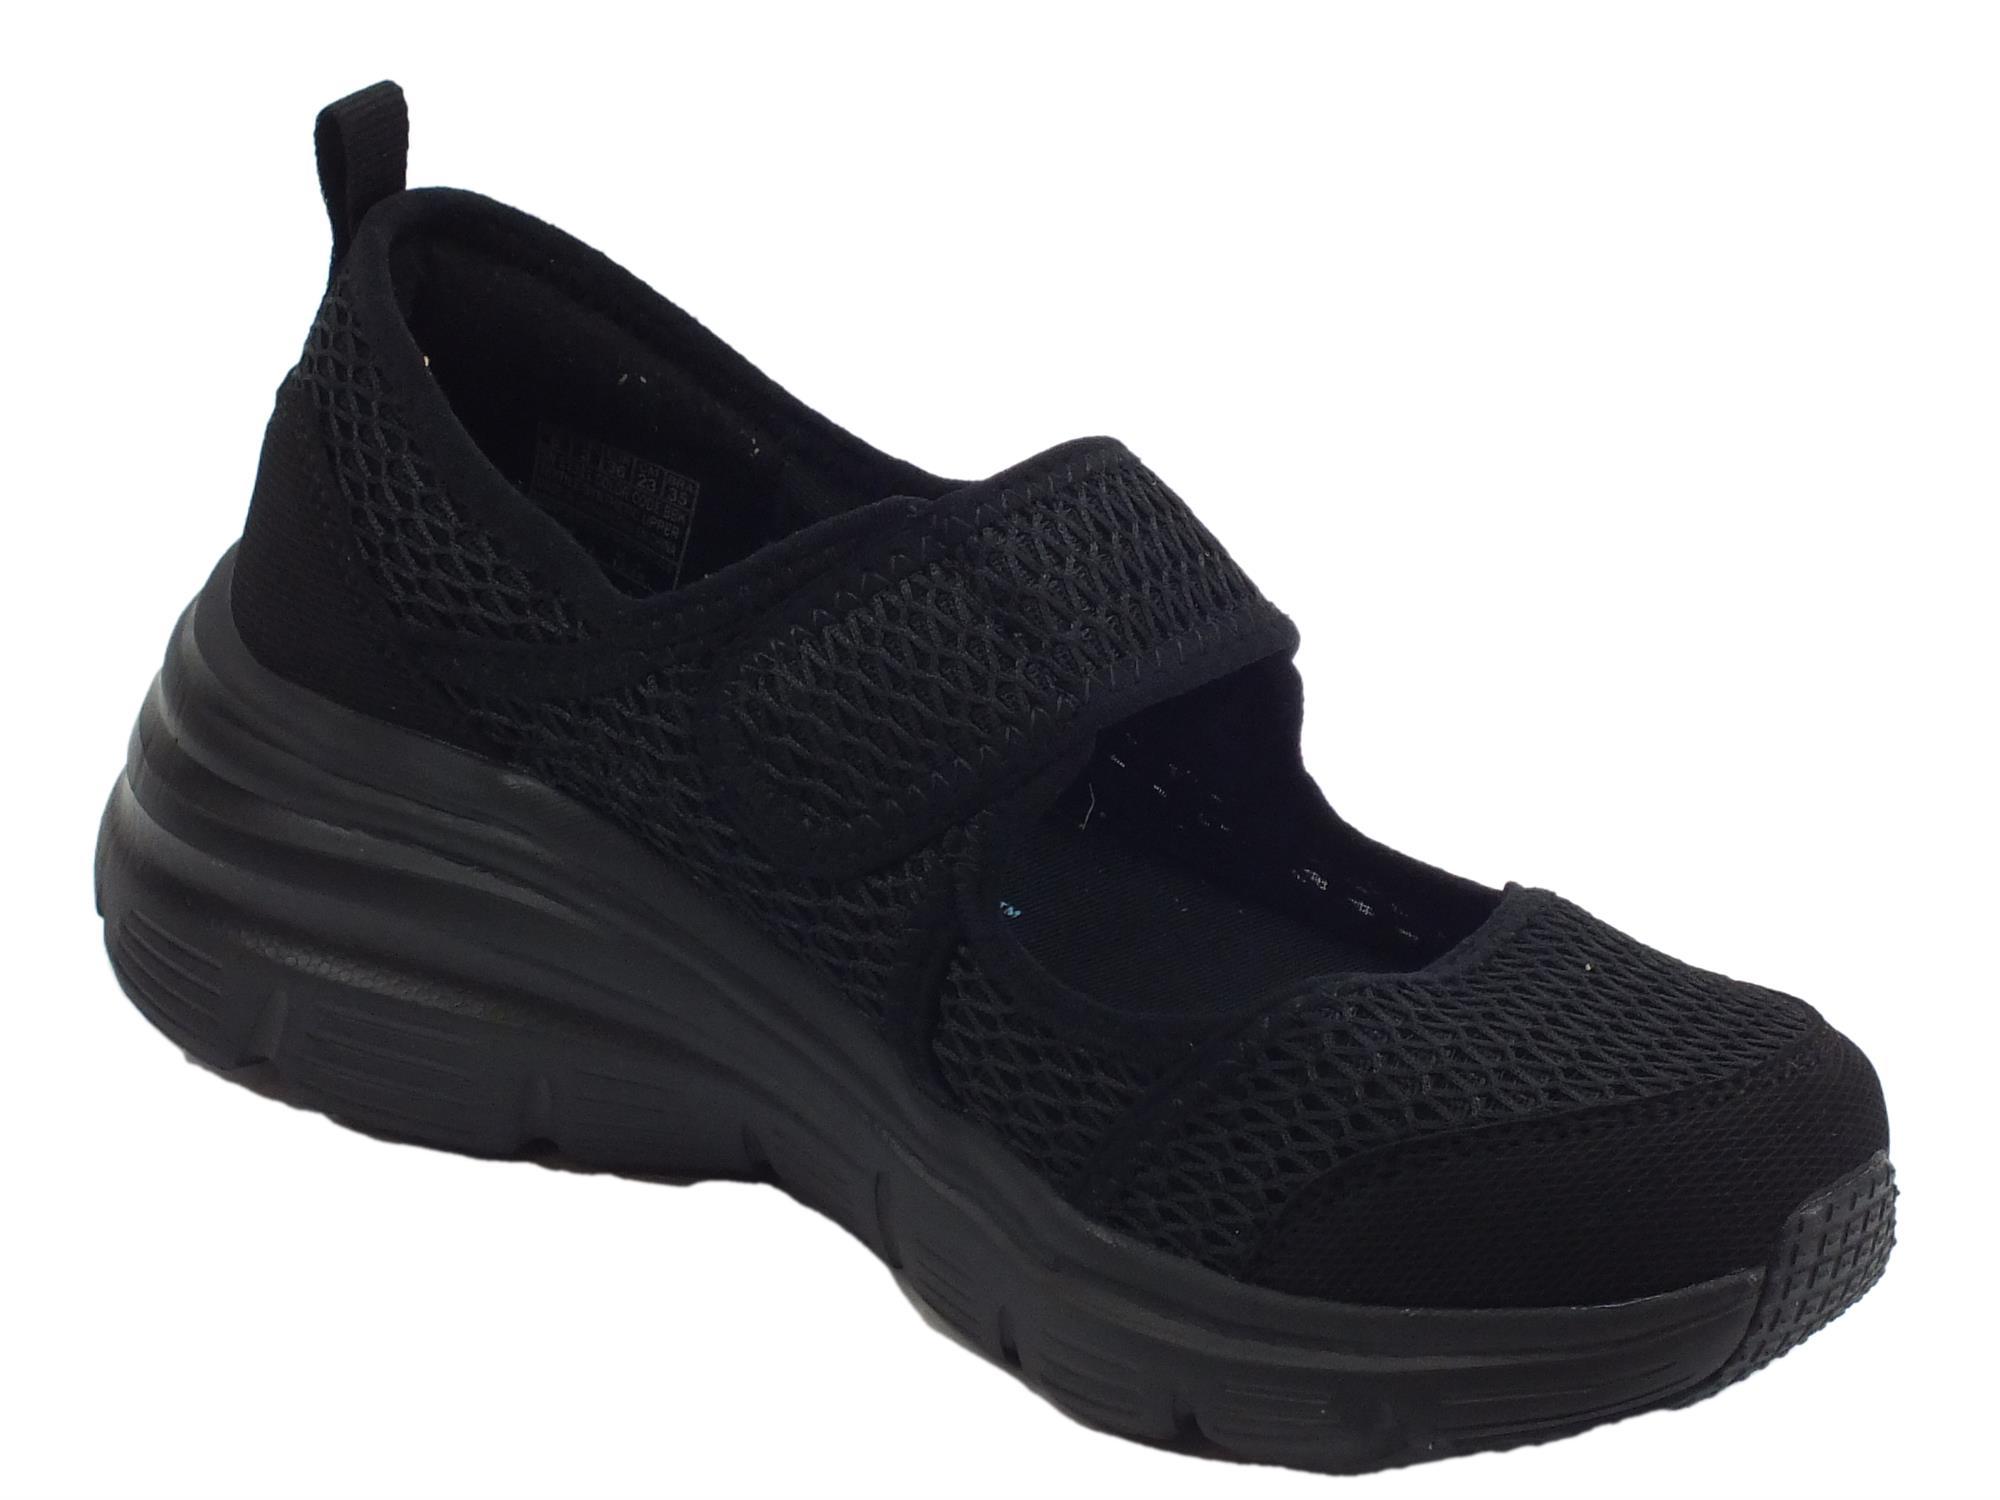 7cb82d099d4e7 ... Skechers Fashion Fit Breezy Sky scarpe Sportive donna nere ...